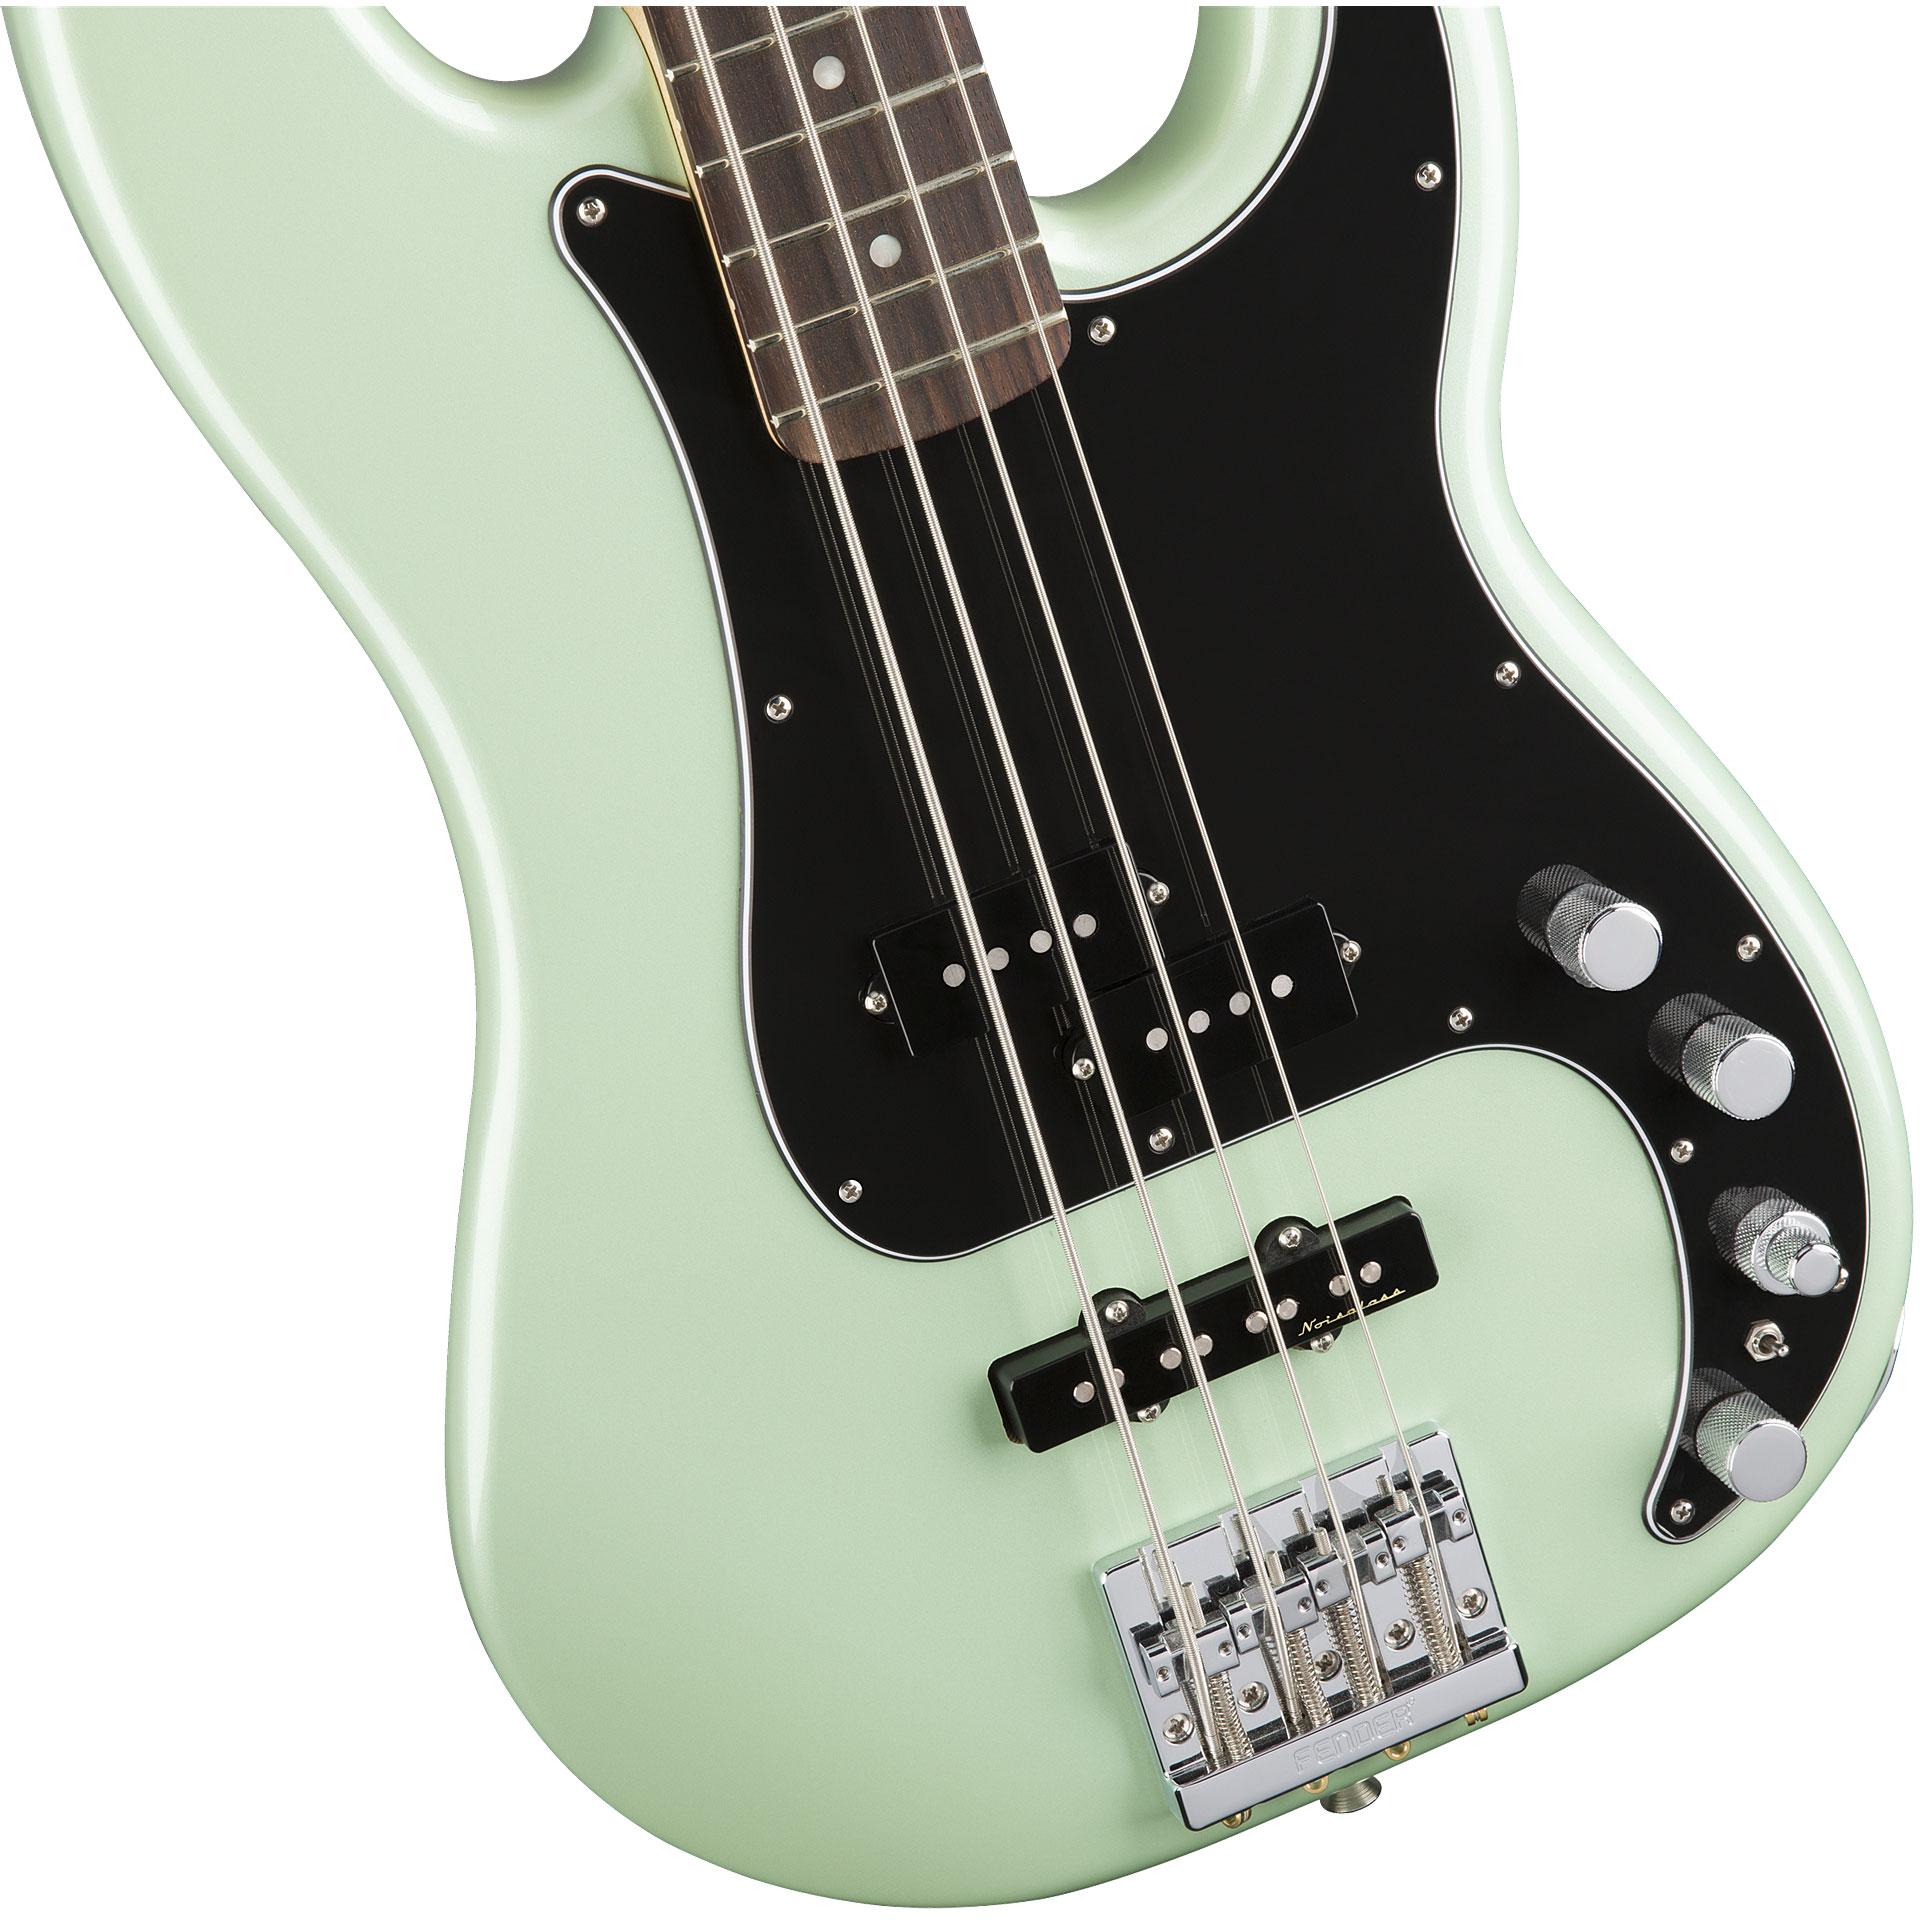 Fender Deluxe Active P Bass Special : fender deluxe active p bass special rw sfp electric bass guitar ~ Russianpoet.info Haus und Dekorationen